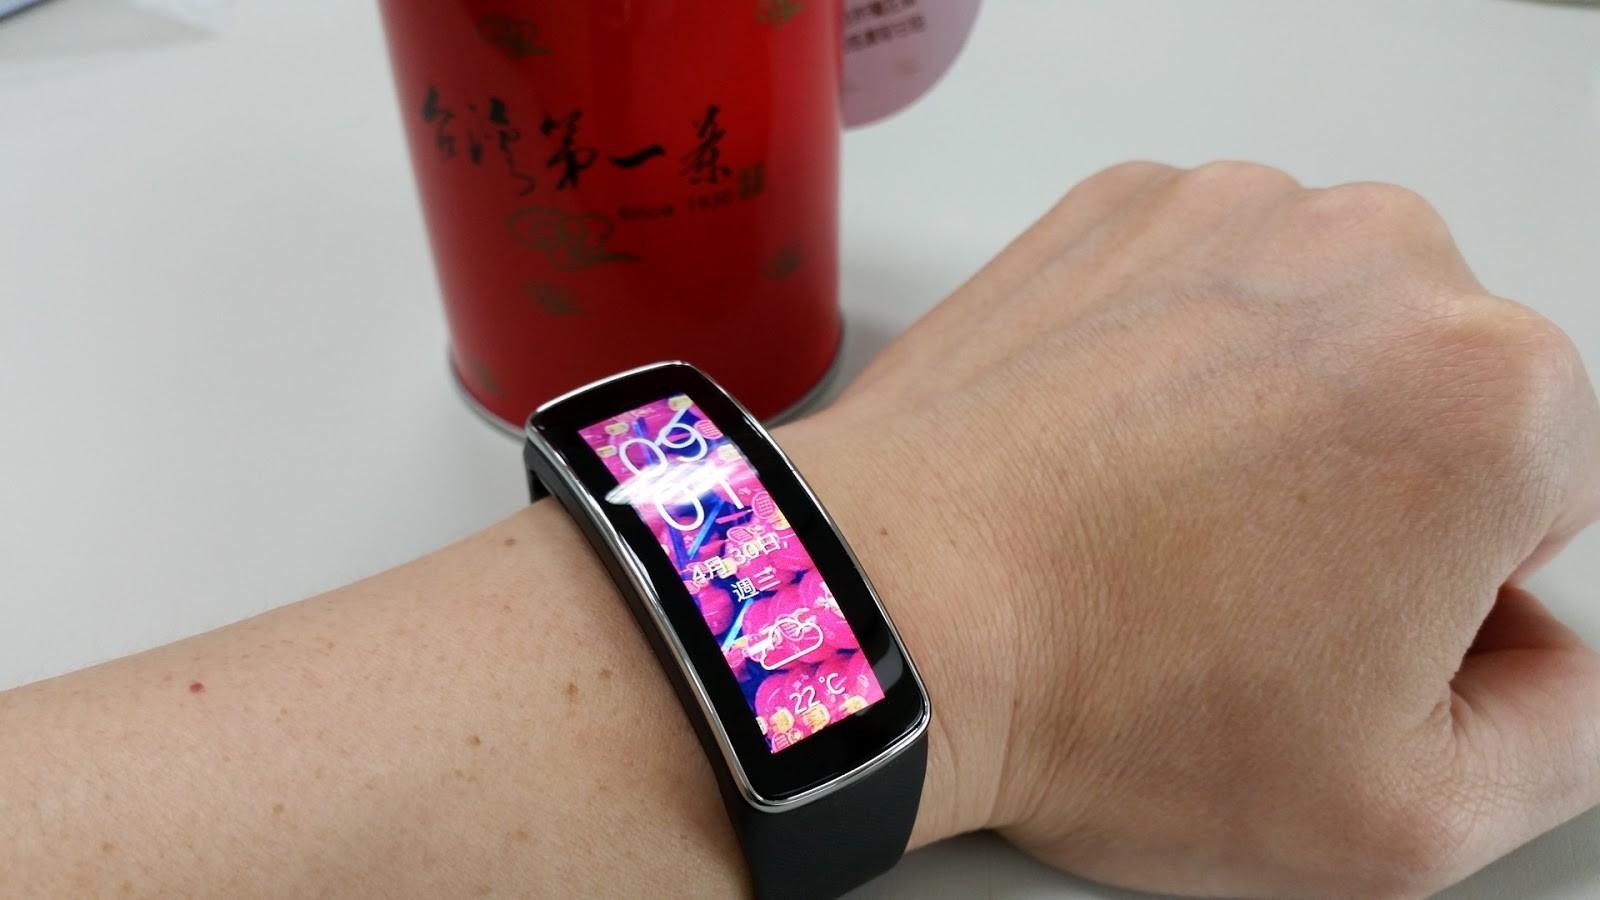 具備藍芽的心跳帶、手錶、各類感測器漸漸蓬勃發展。